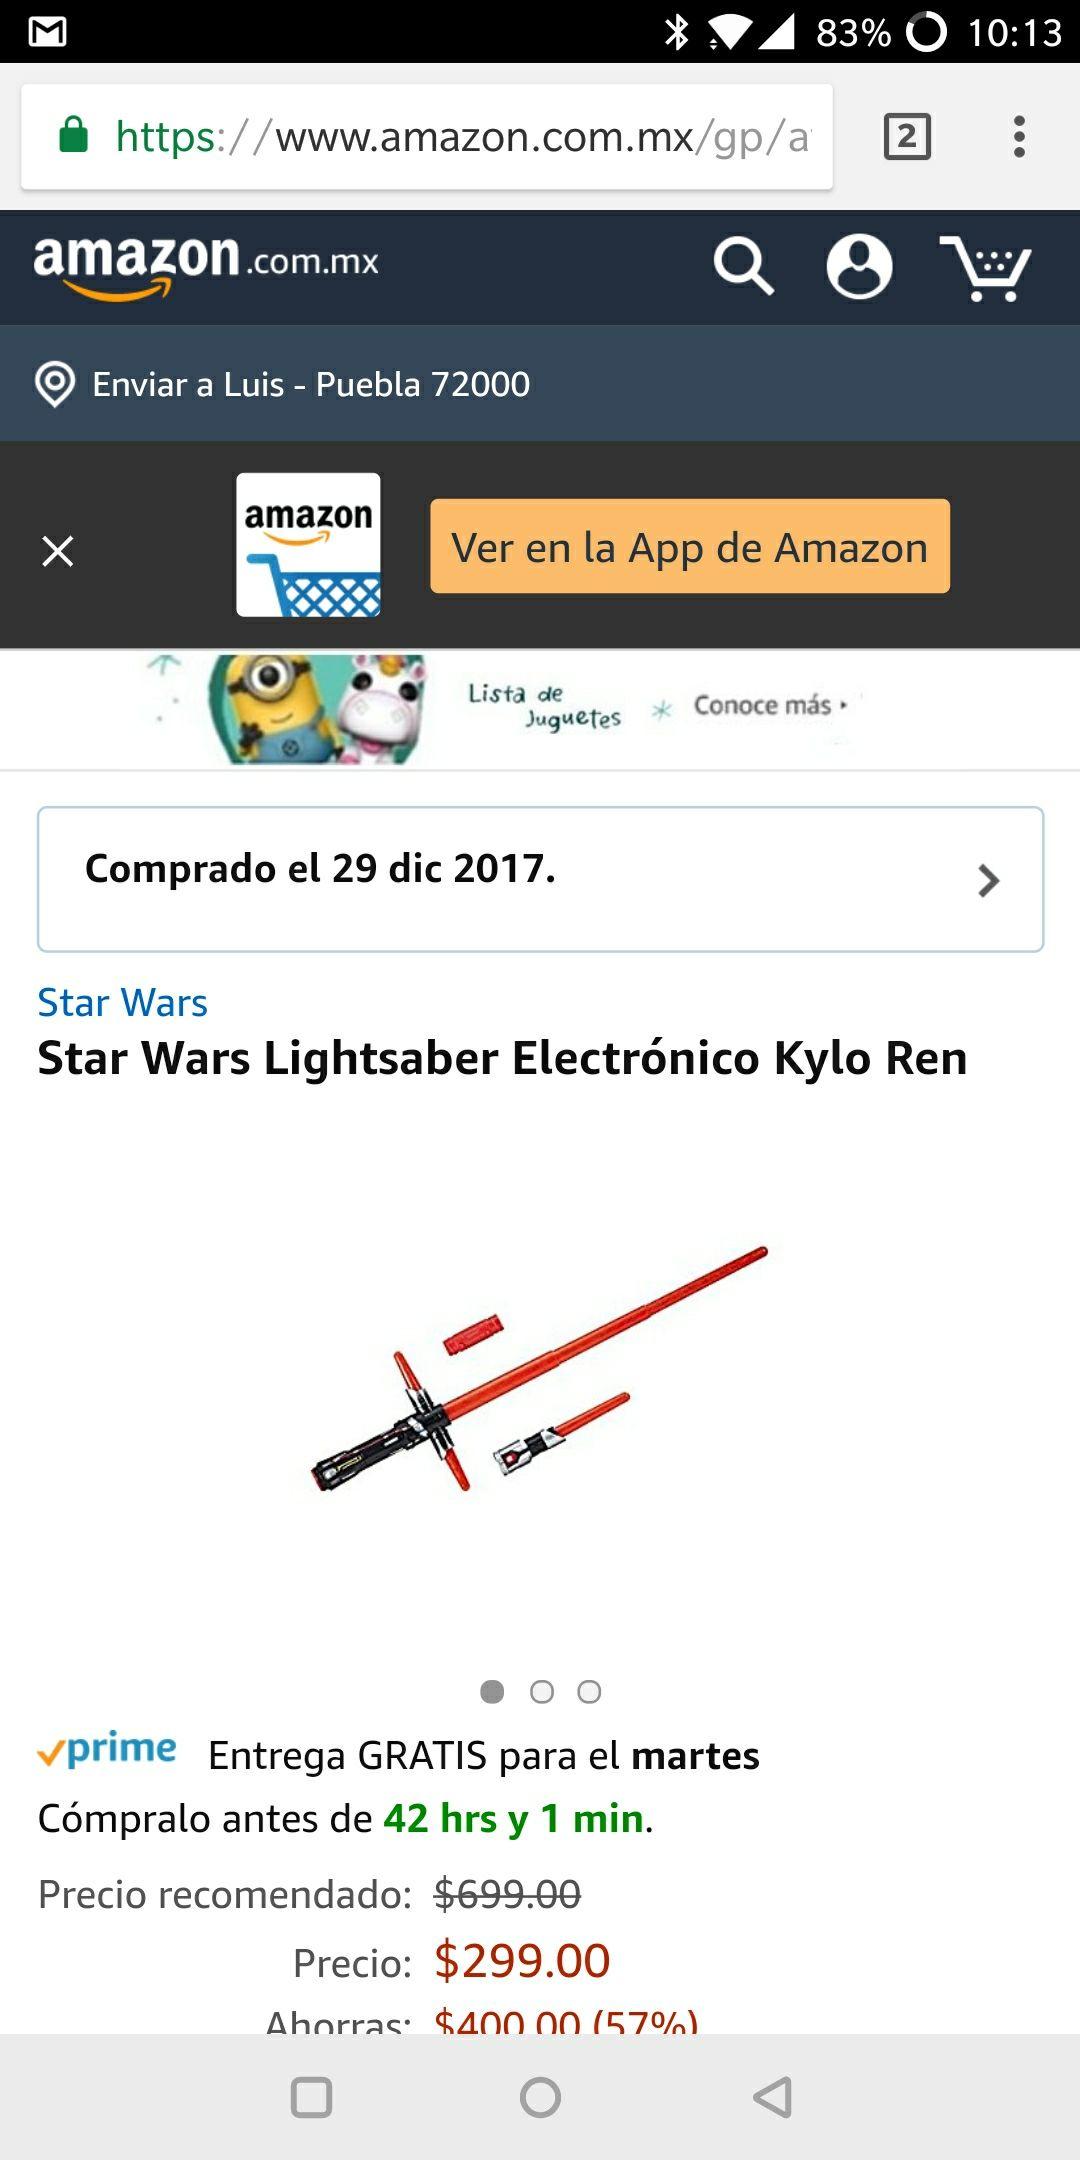 Amazon: Sable electrónico kylo ren